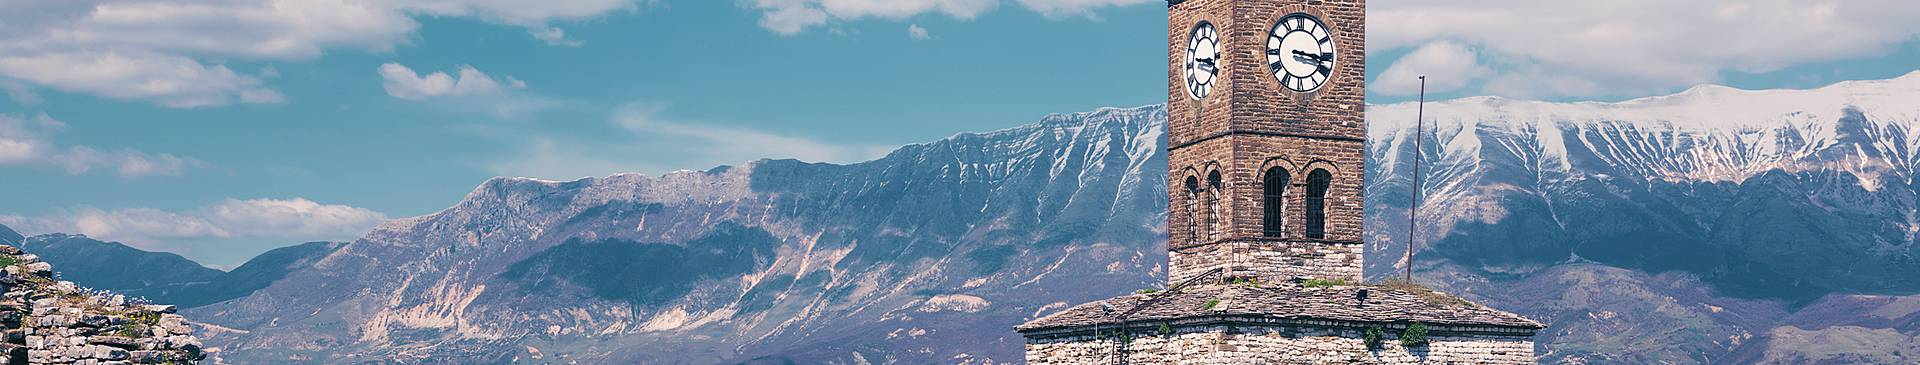 Rondreis 2 weken in Albanië